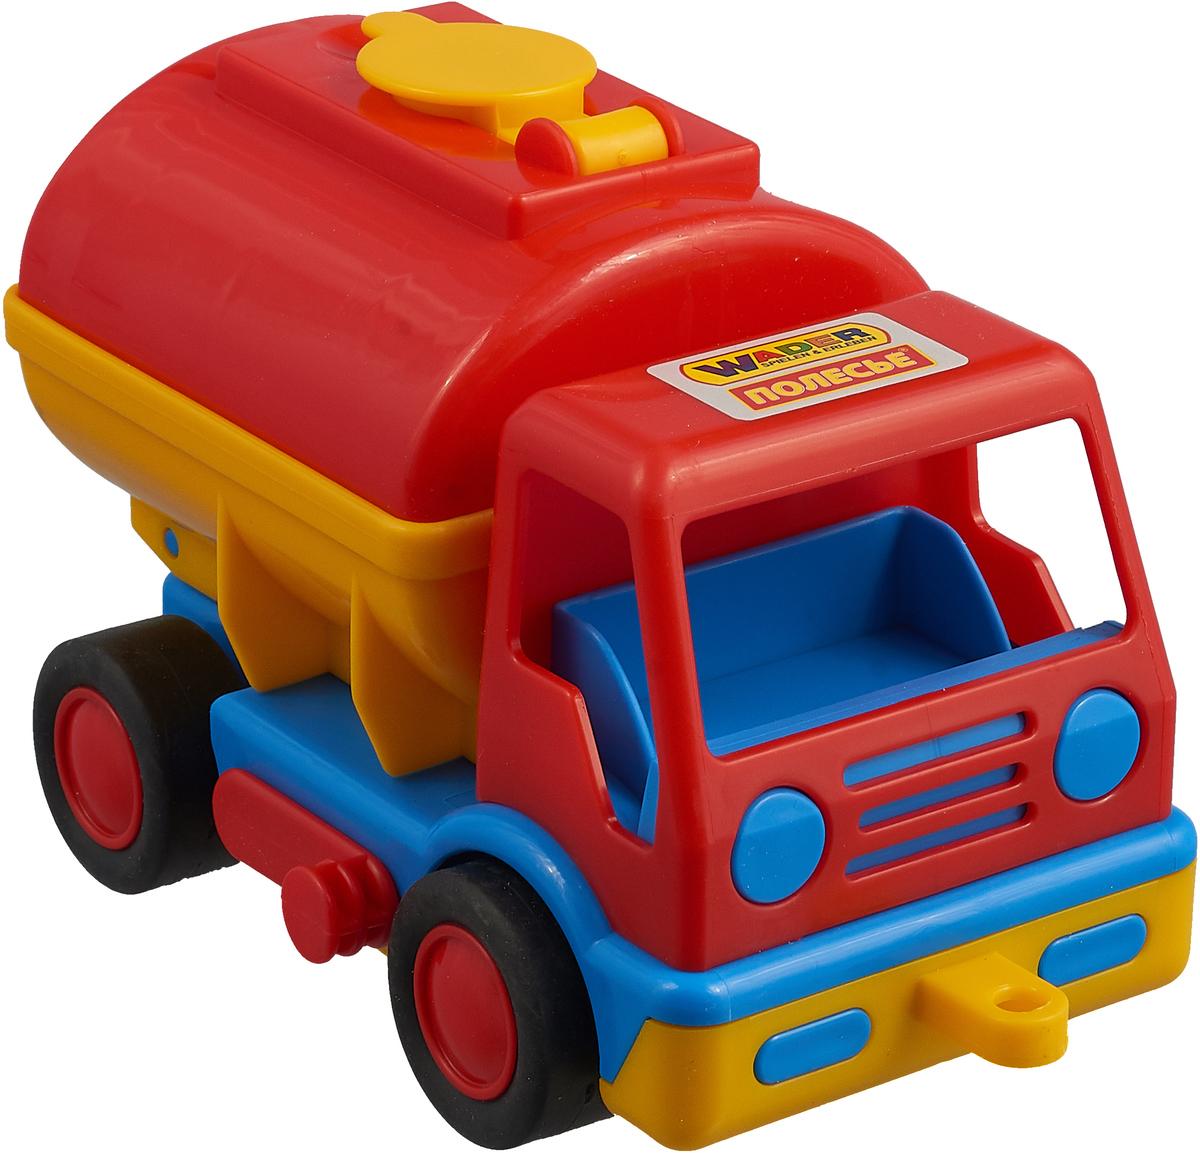 Фото - Бензовоз Полесье Базик, цвет в ассортименте полесье набор игрушек для песочницы 468 цвет в ассортименте